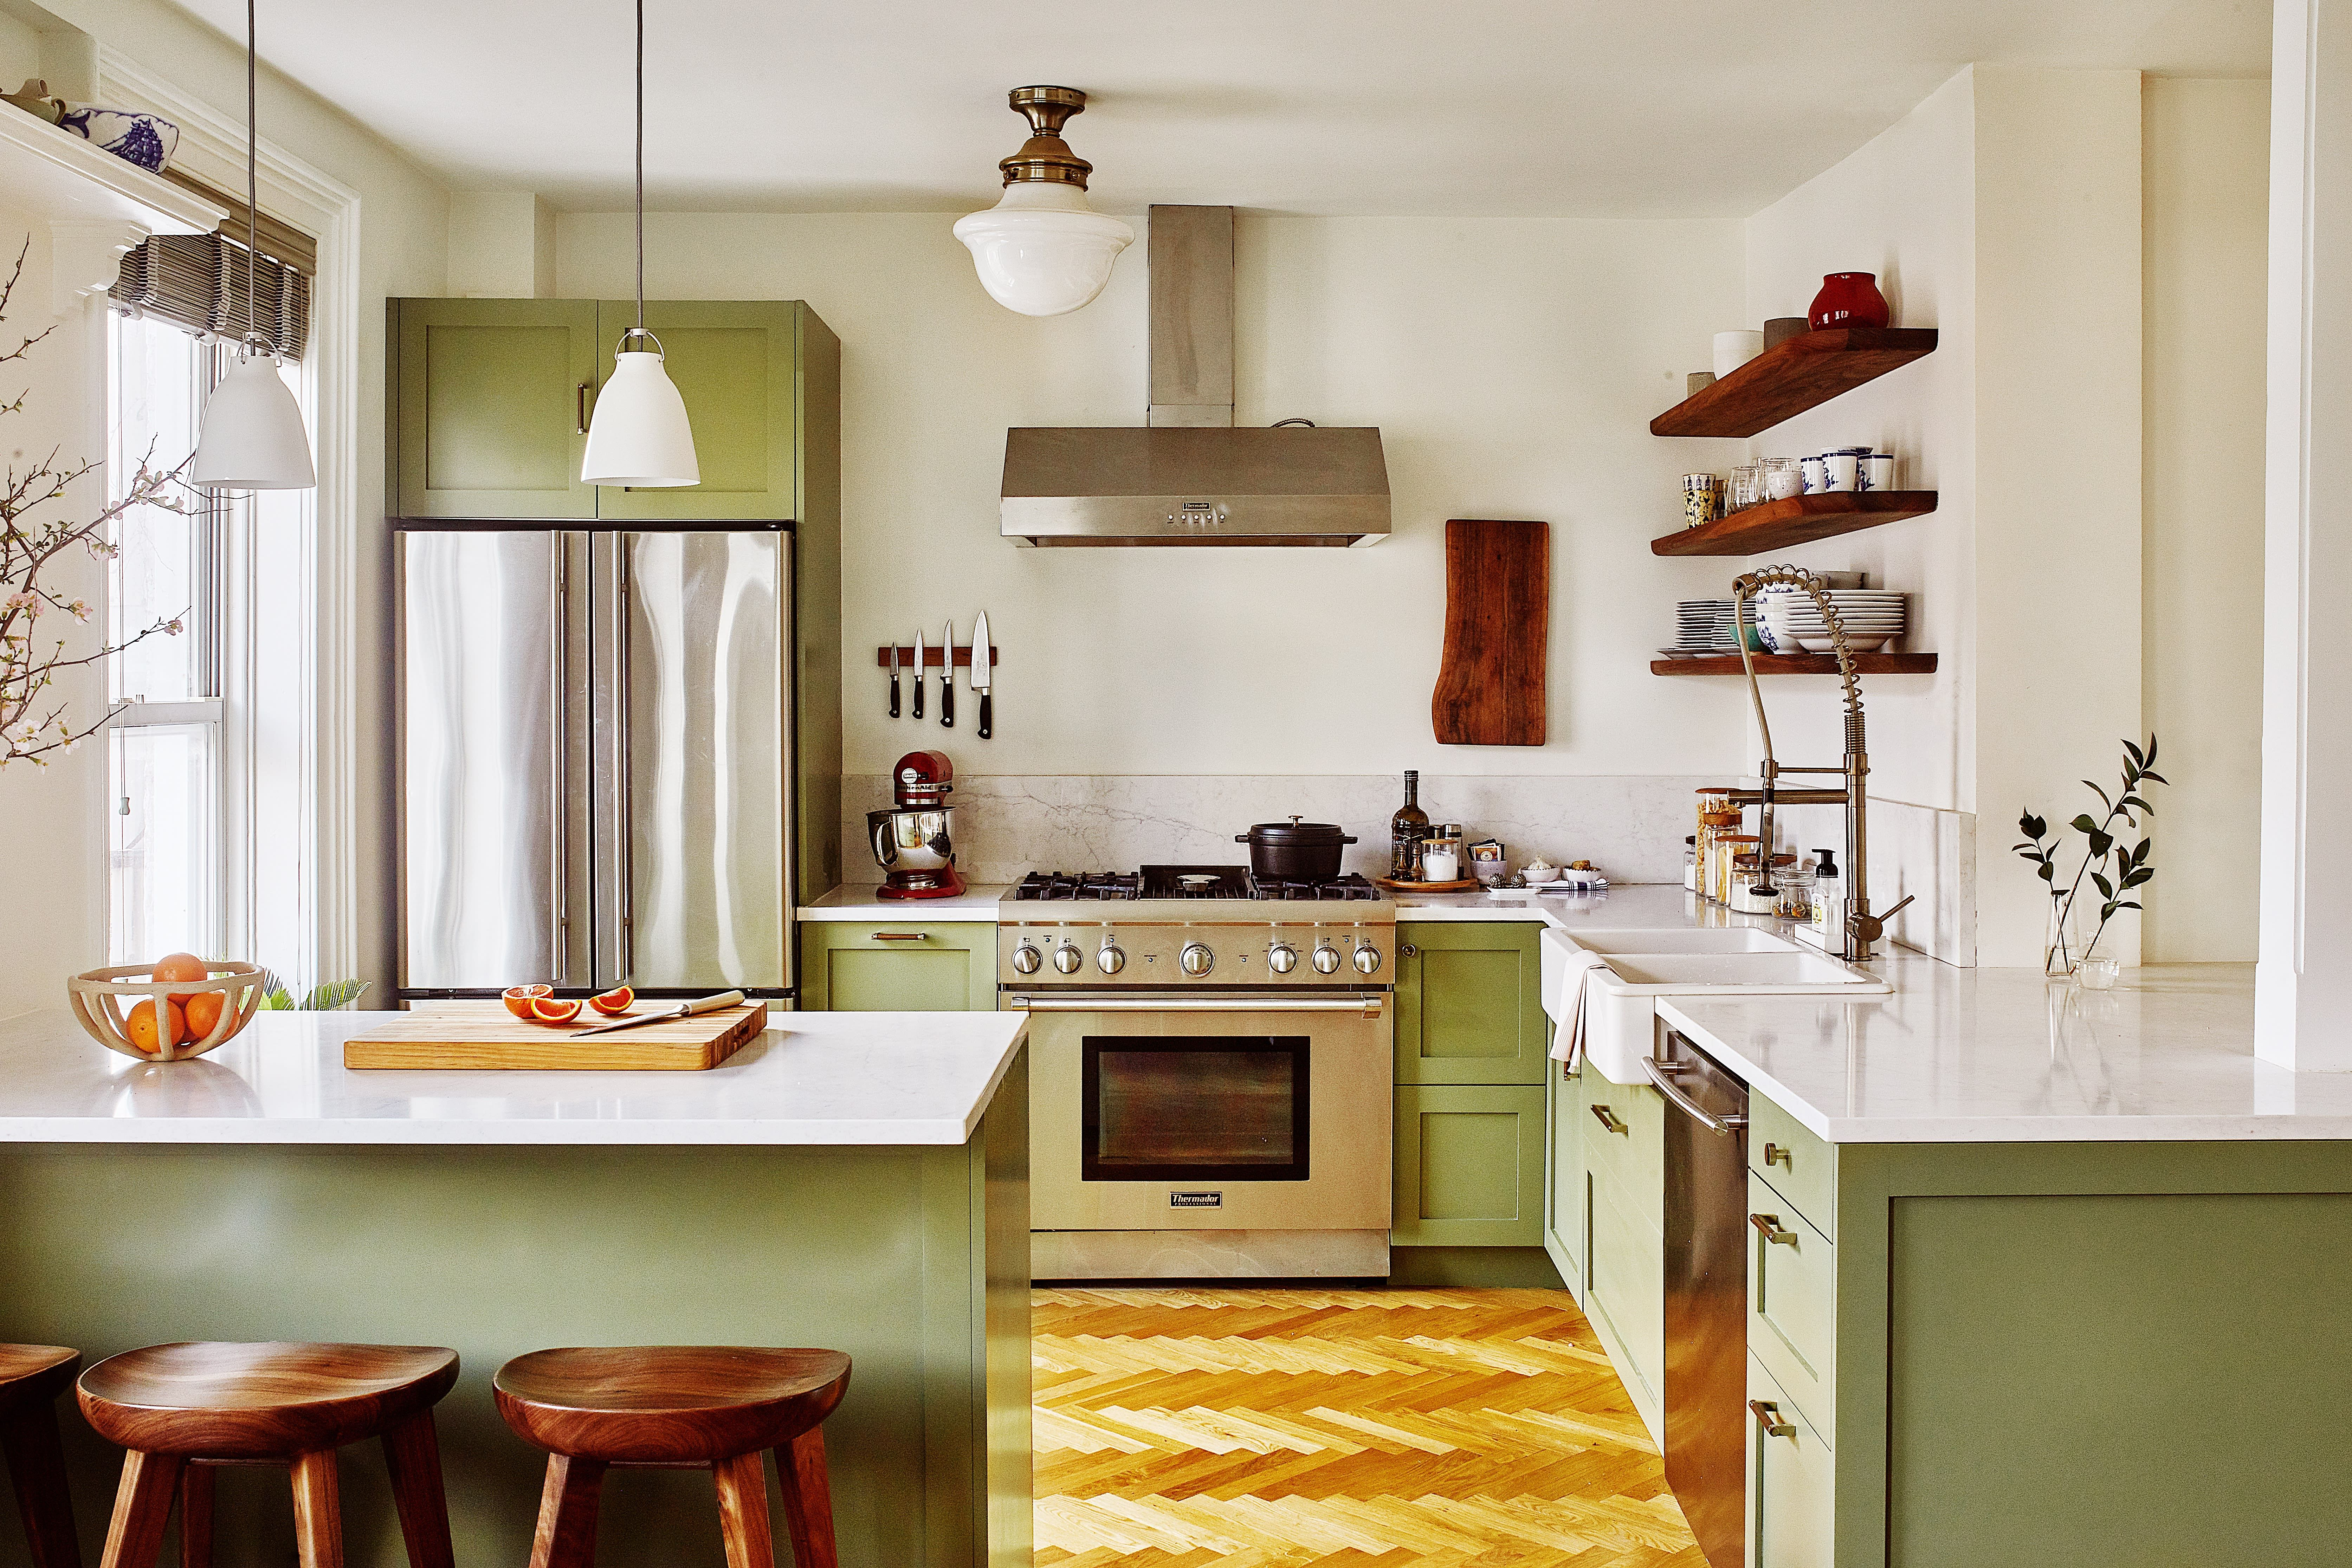 9 Avocado Green Decor Ideas That Pay